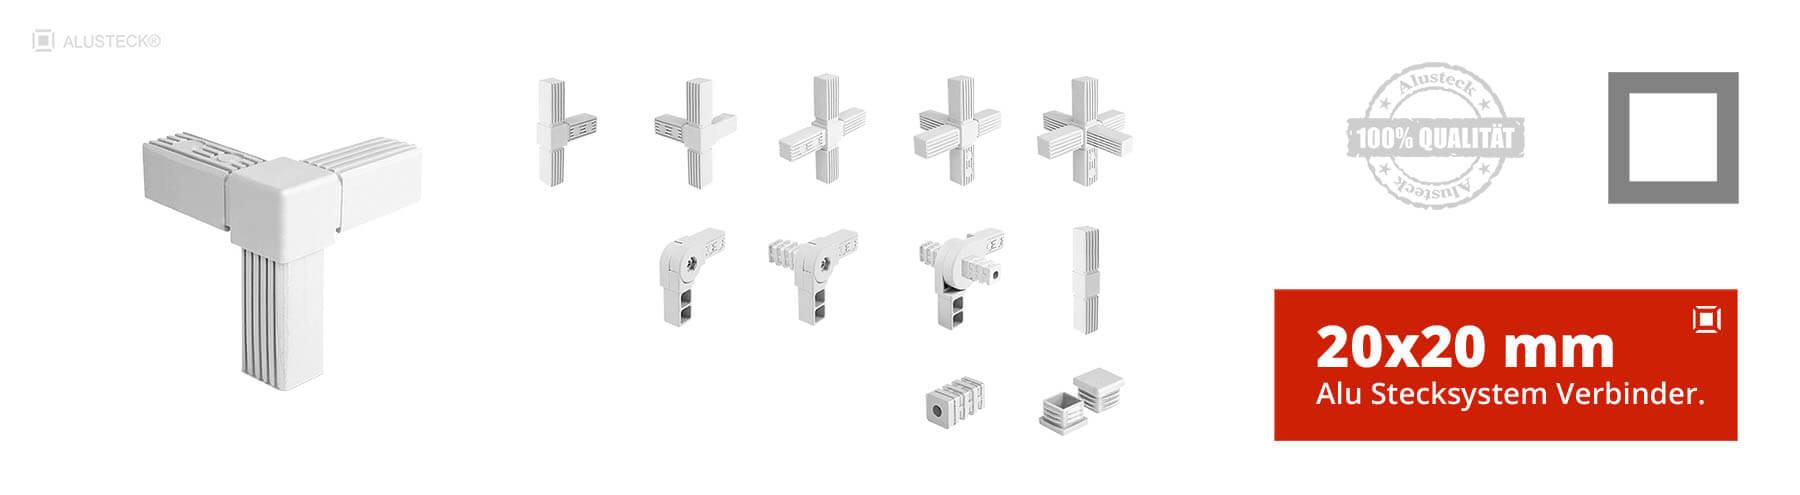 Steckverbinder Rohrverbinder Vierkantverbinder 20x20mm Stecksystem Onlineshop kaufen